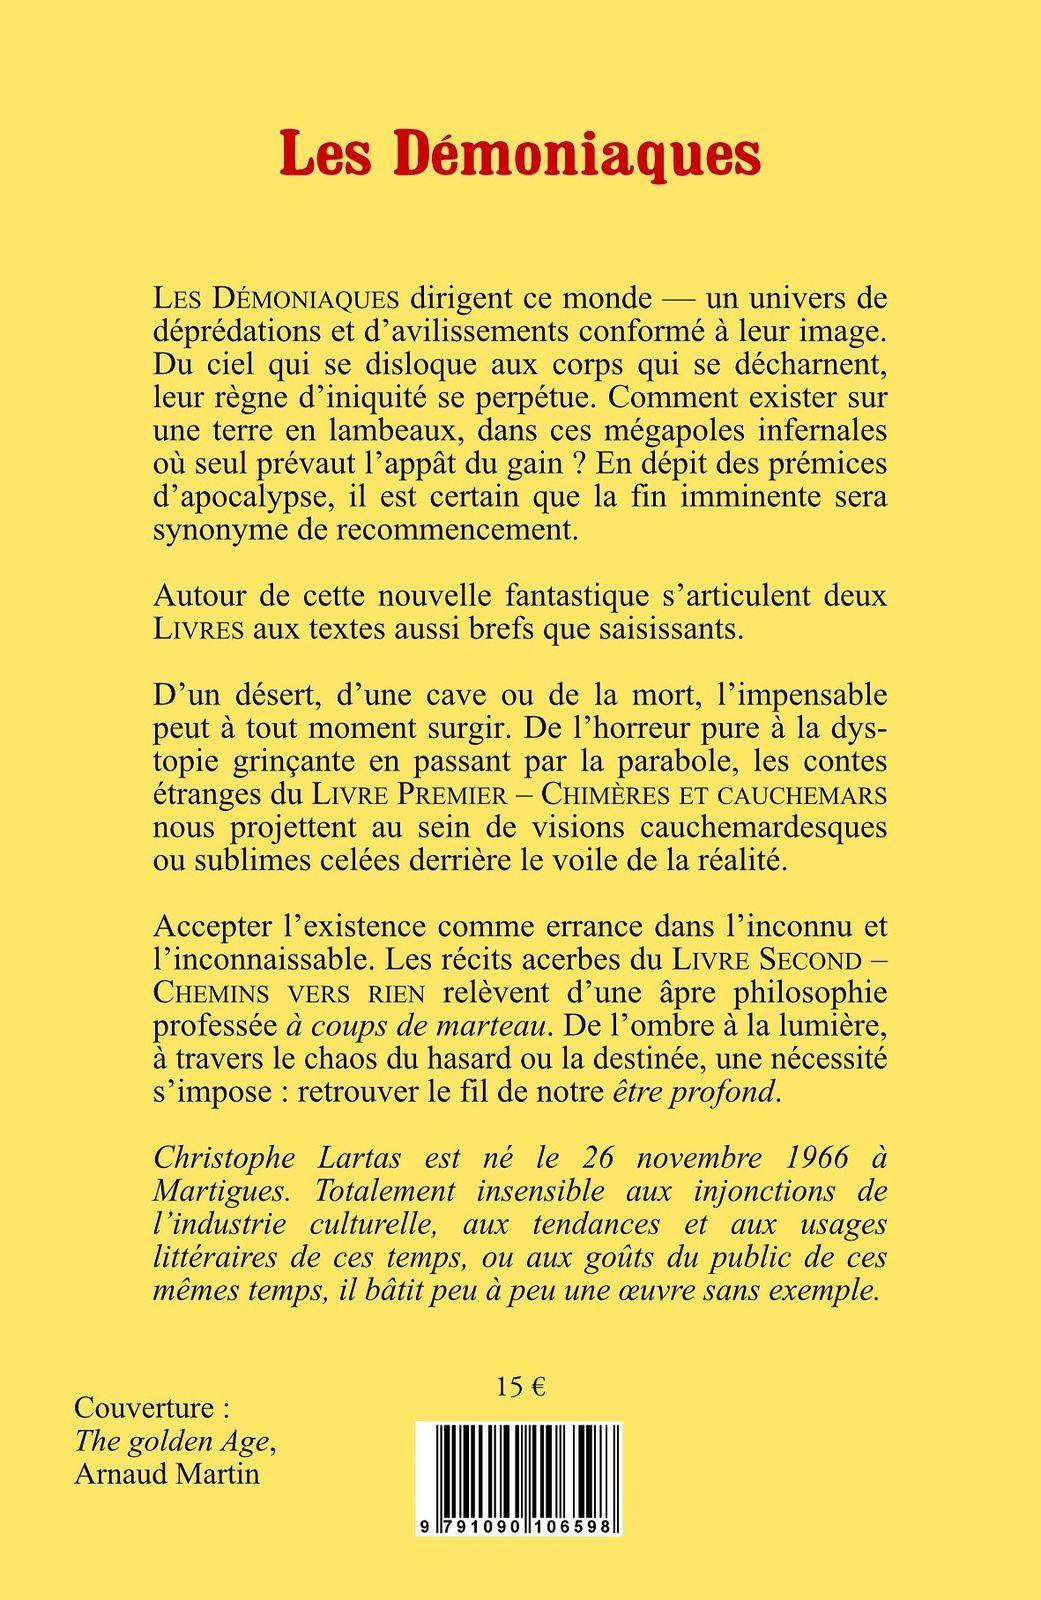 Les Démoniaques & autres textes de Christophe Lartas